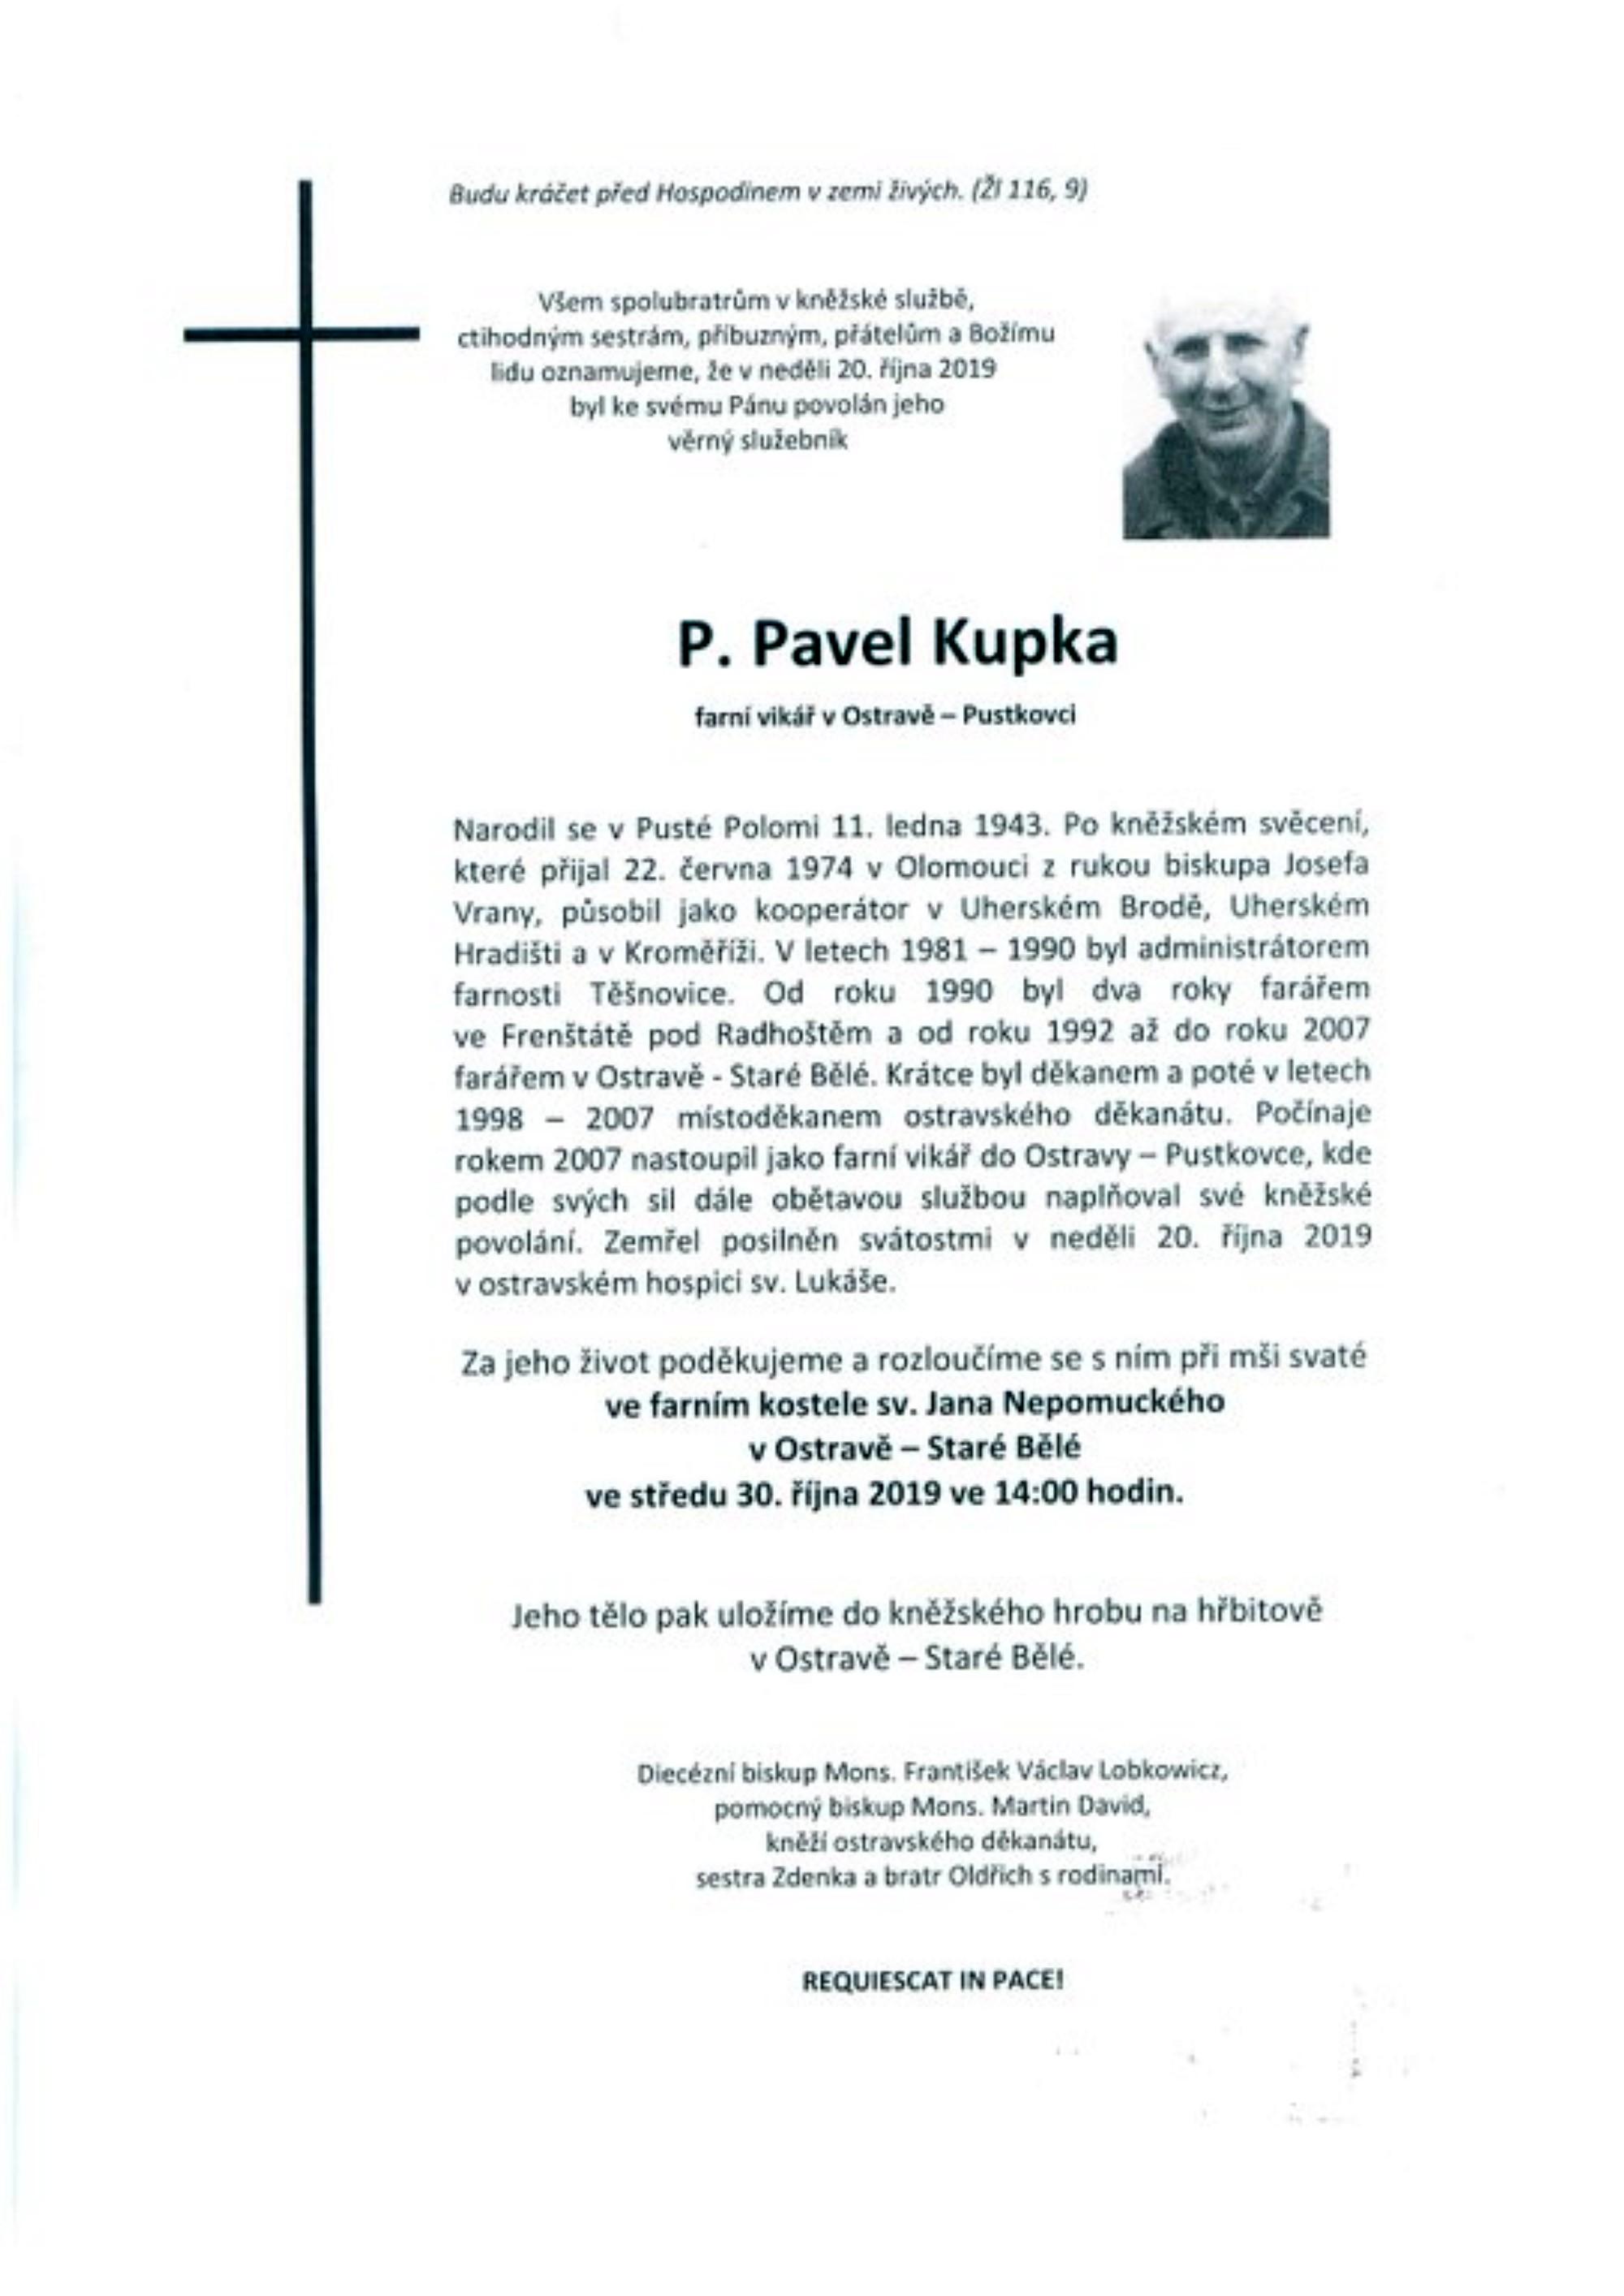 Pavel Kupka